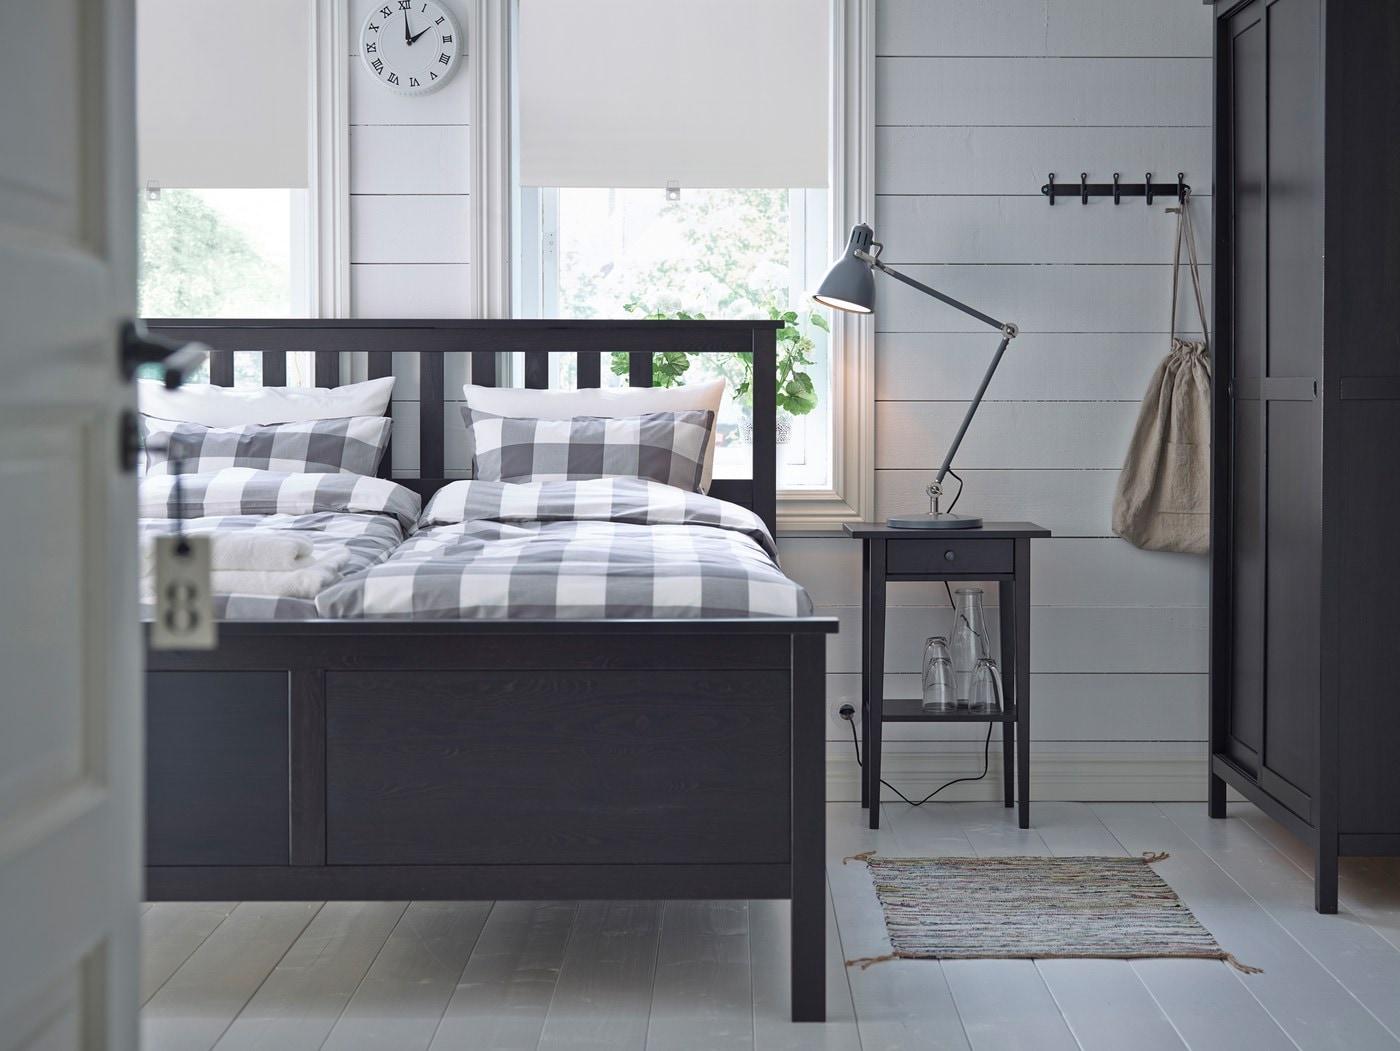 Čiernohnedý rám postele IKEA HEMNES s posteľnými obliečkami so sivo-bielym károvaným vzorom v malej spálni.